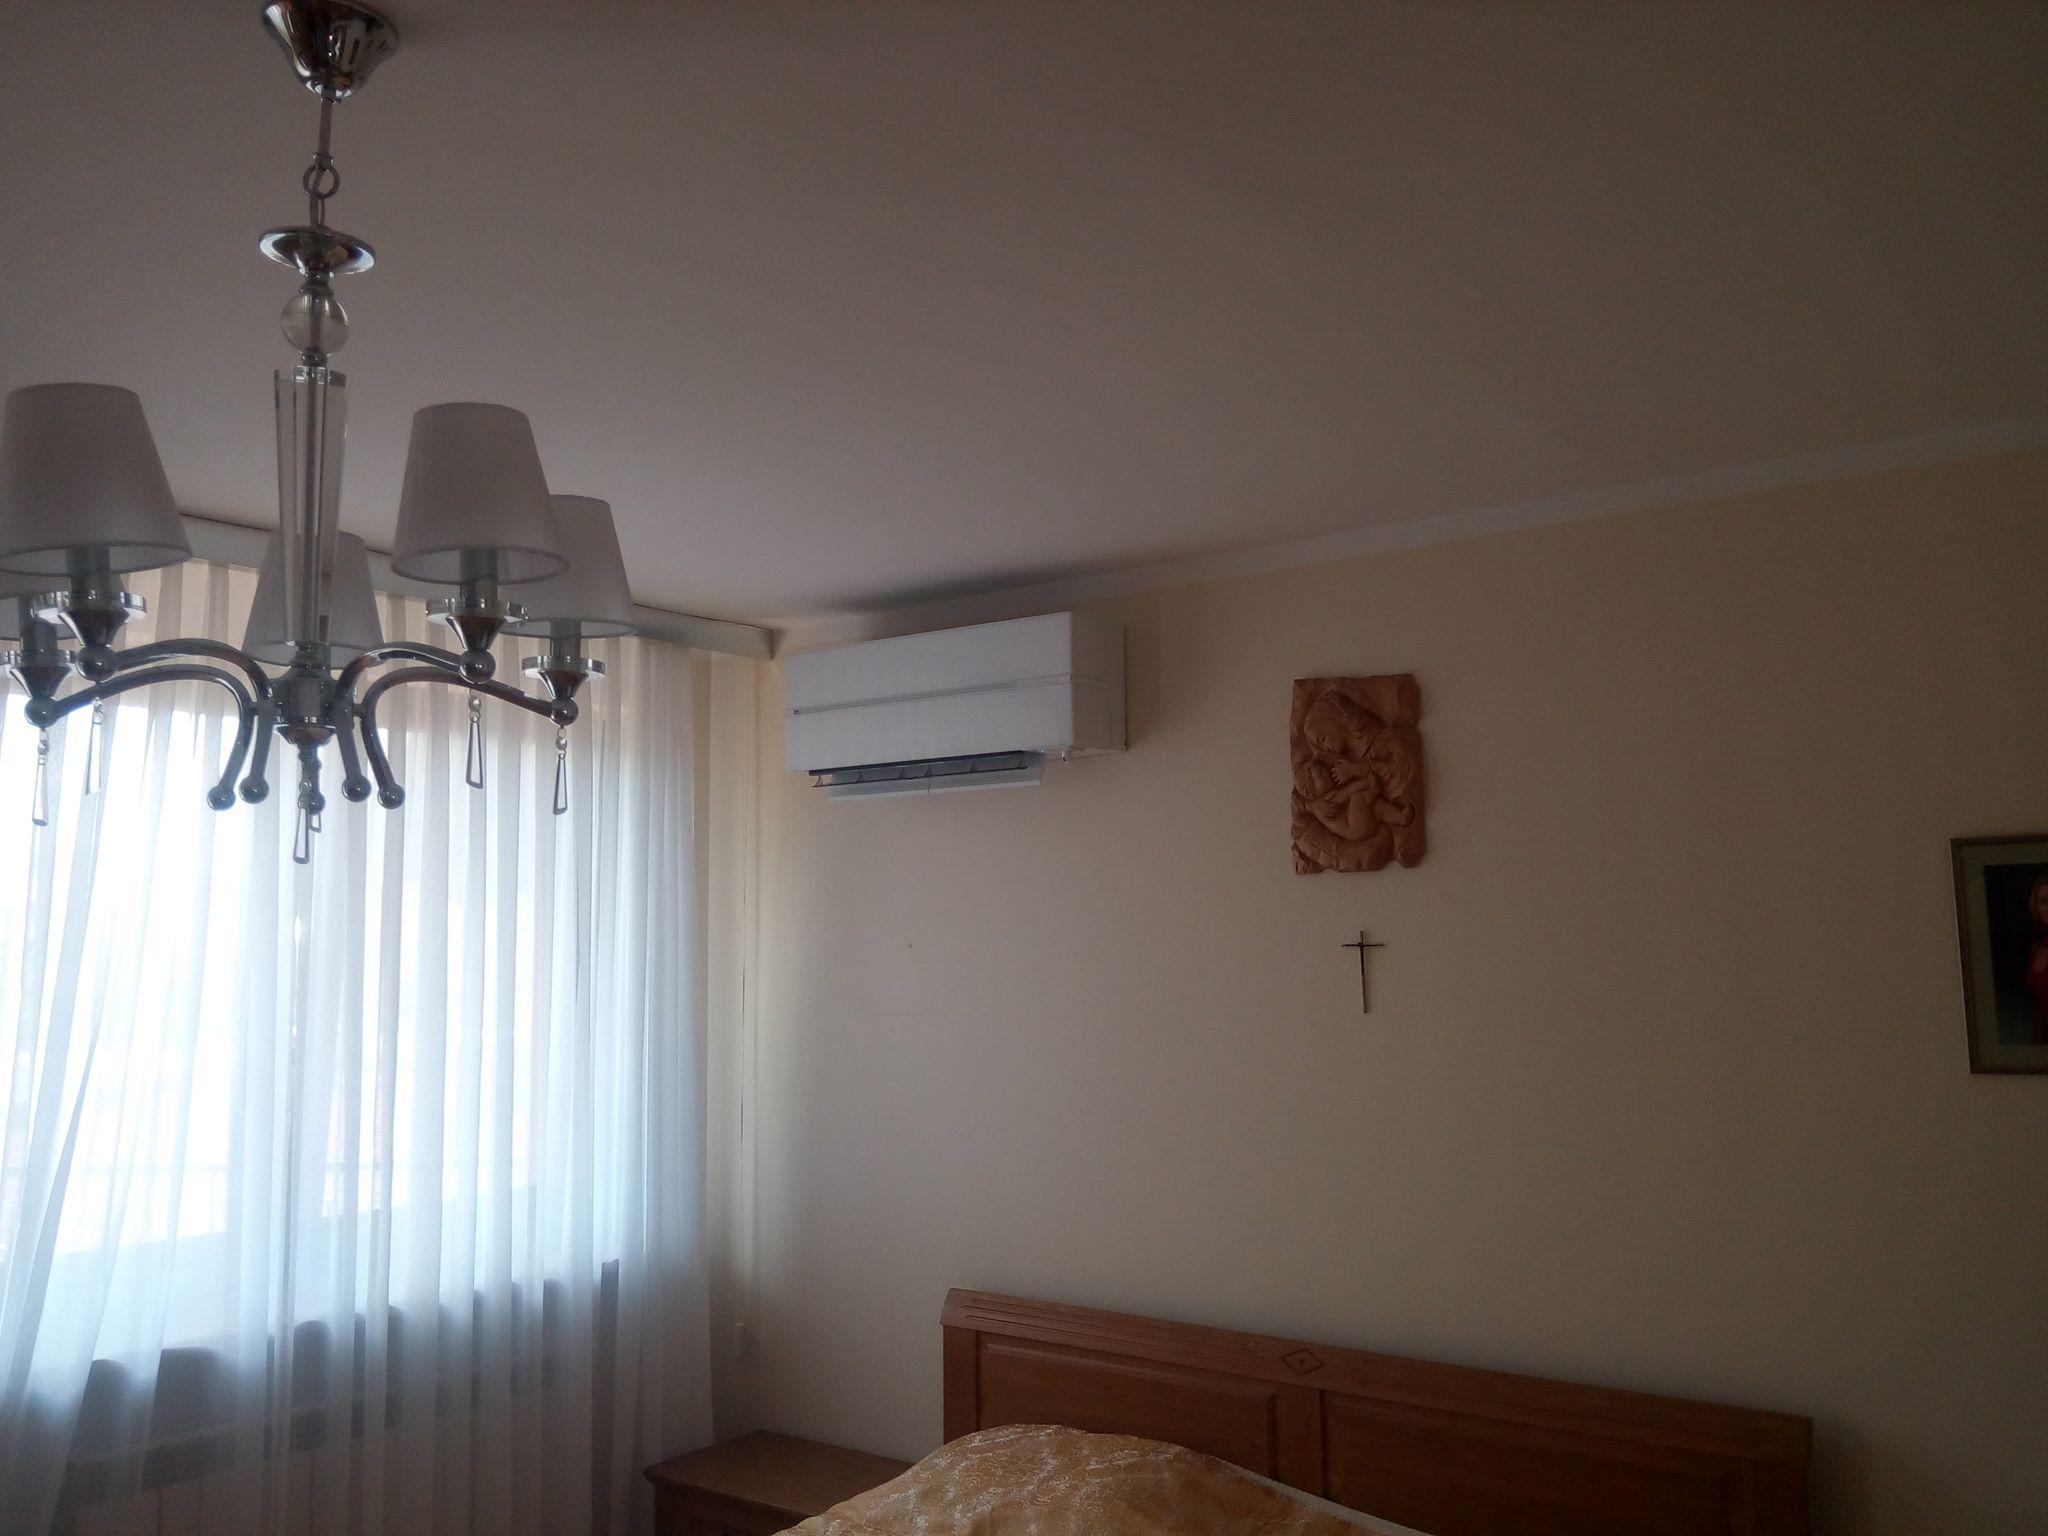 klimatyzator klimatyzacja Mitsubishi szklany font Starachowice